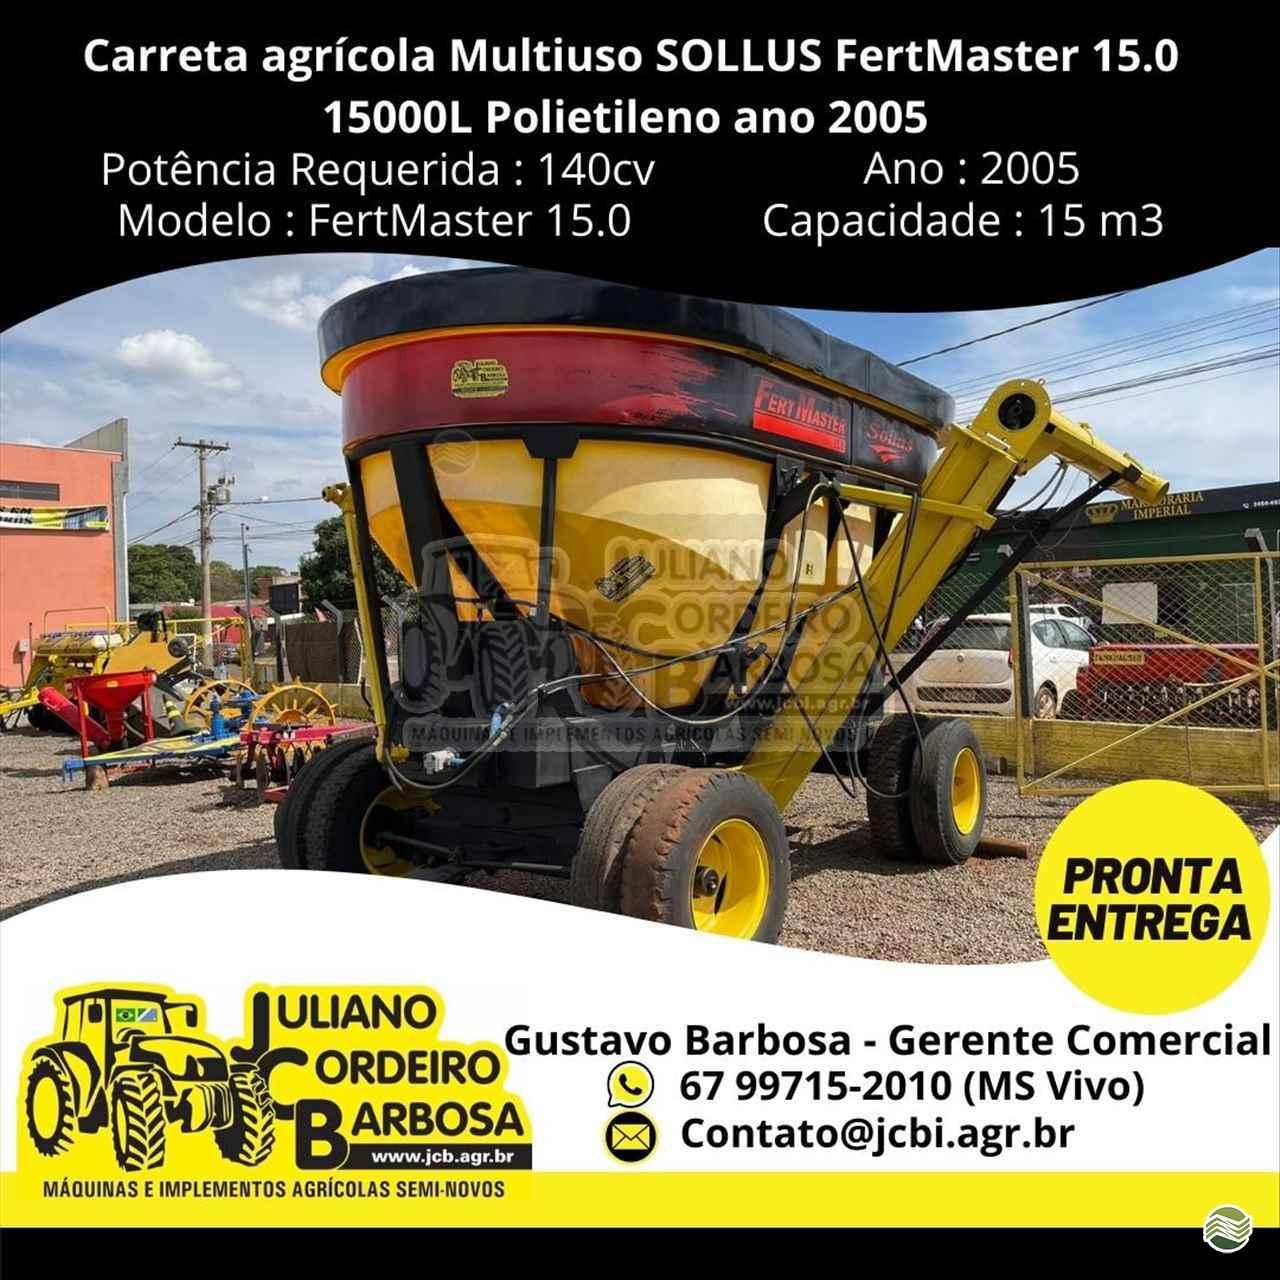 GRANELEIRA 15000 de JCB Máquinas e Implementos Agrícolas - MARACAJU/MS